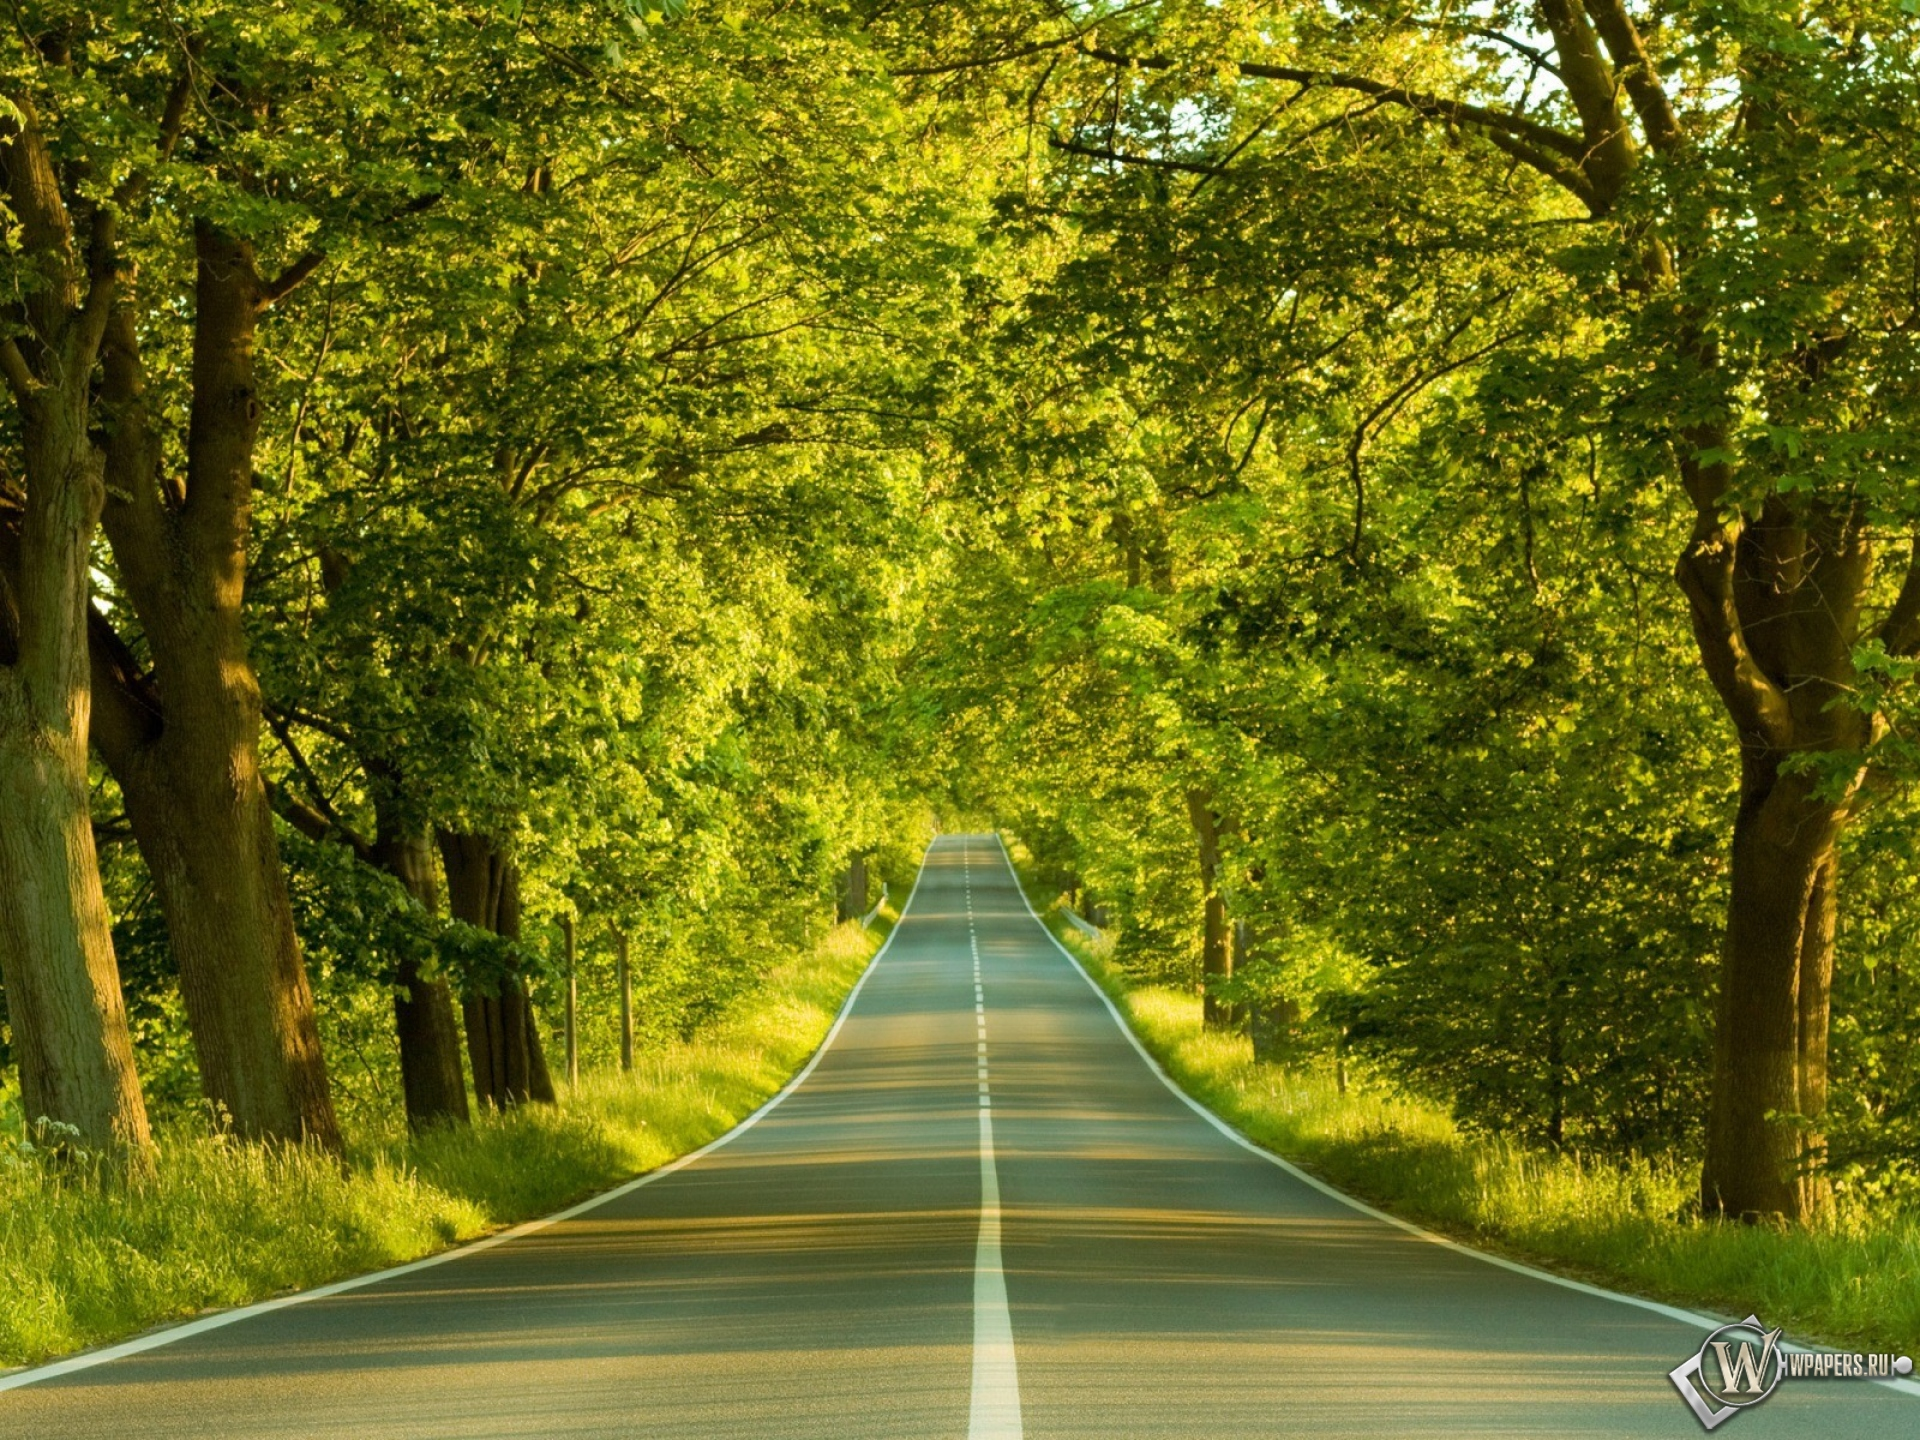 Обои дорога в лесу дорога лес